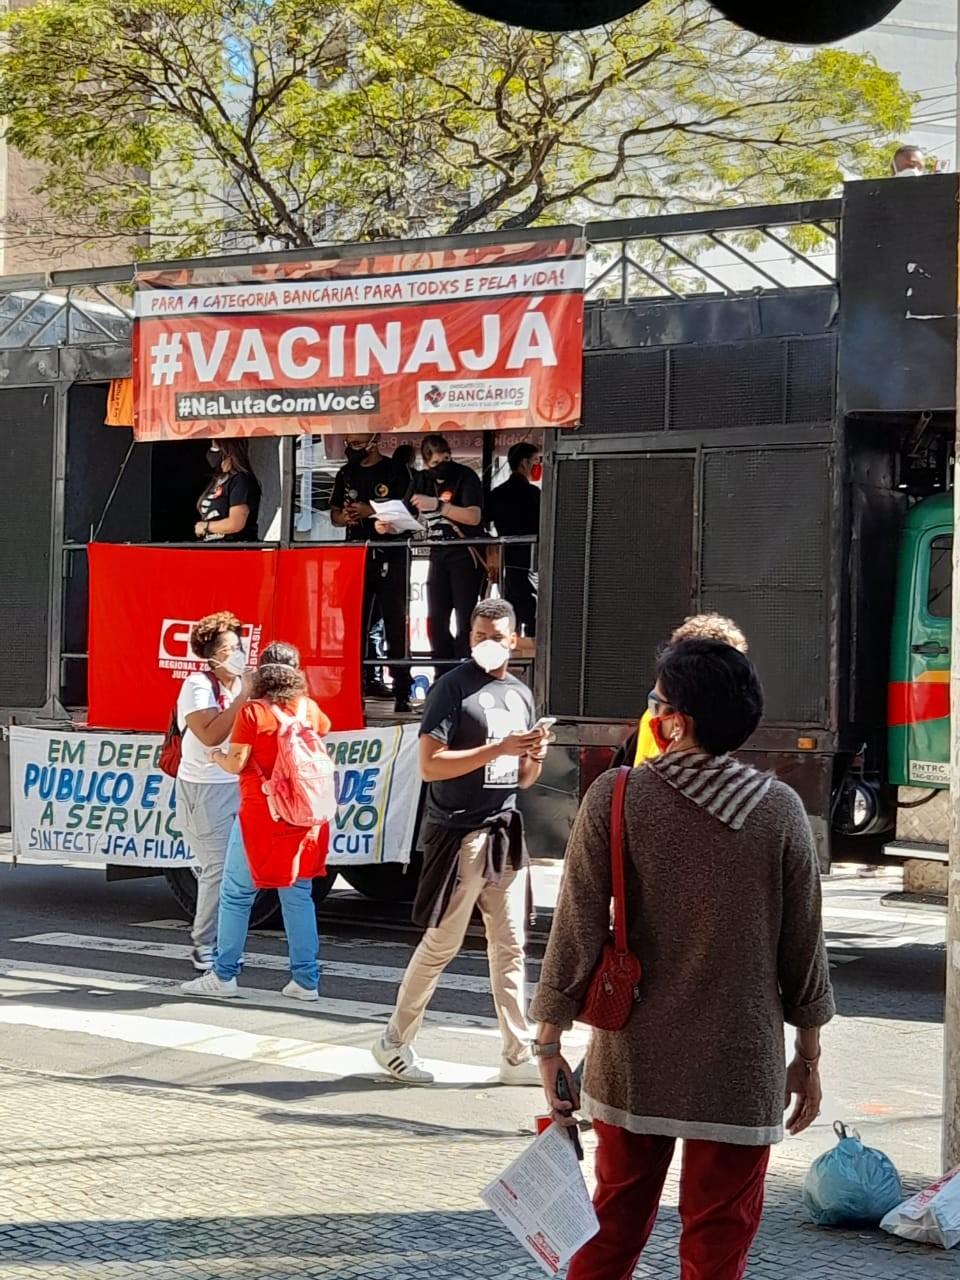 Manifestantes vão às ruas em protesto a Bolsonaro e a favor da vacinação em Juiz de Fora